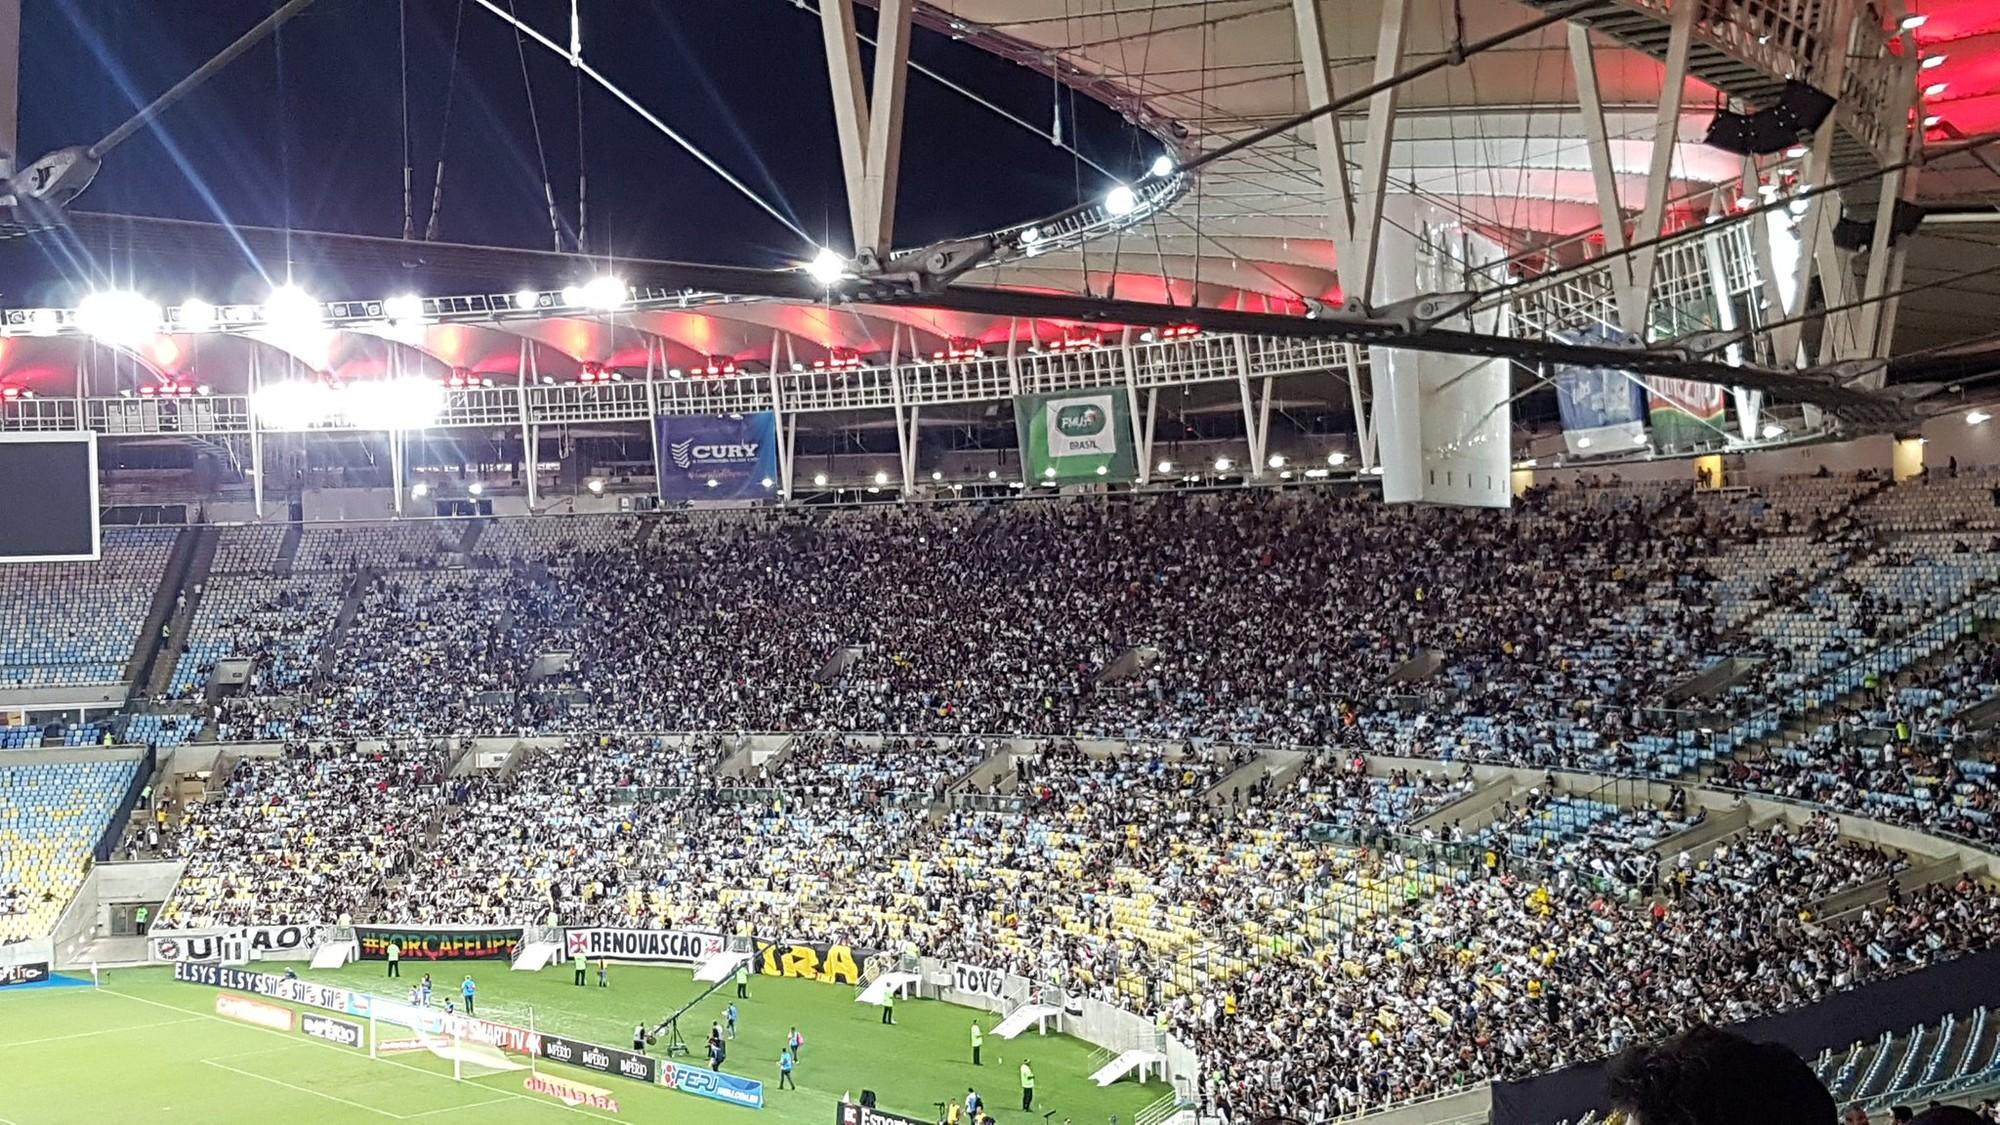 Torcida do Vasco no Maracanã para o jogo contra o Bangu